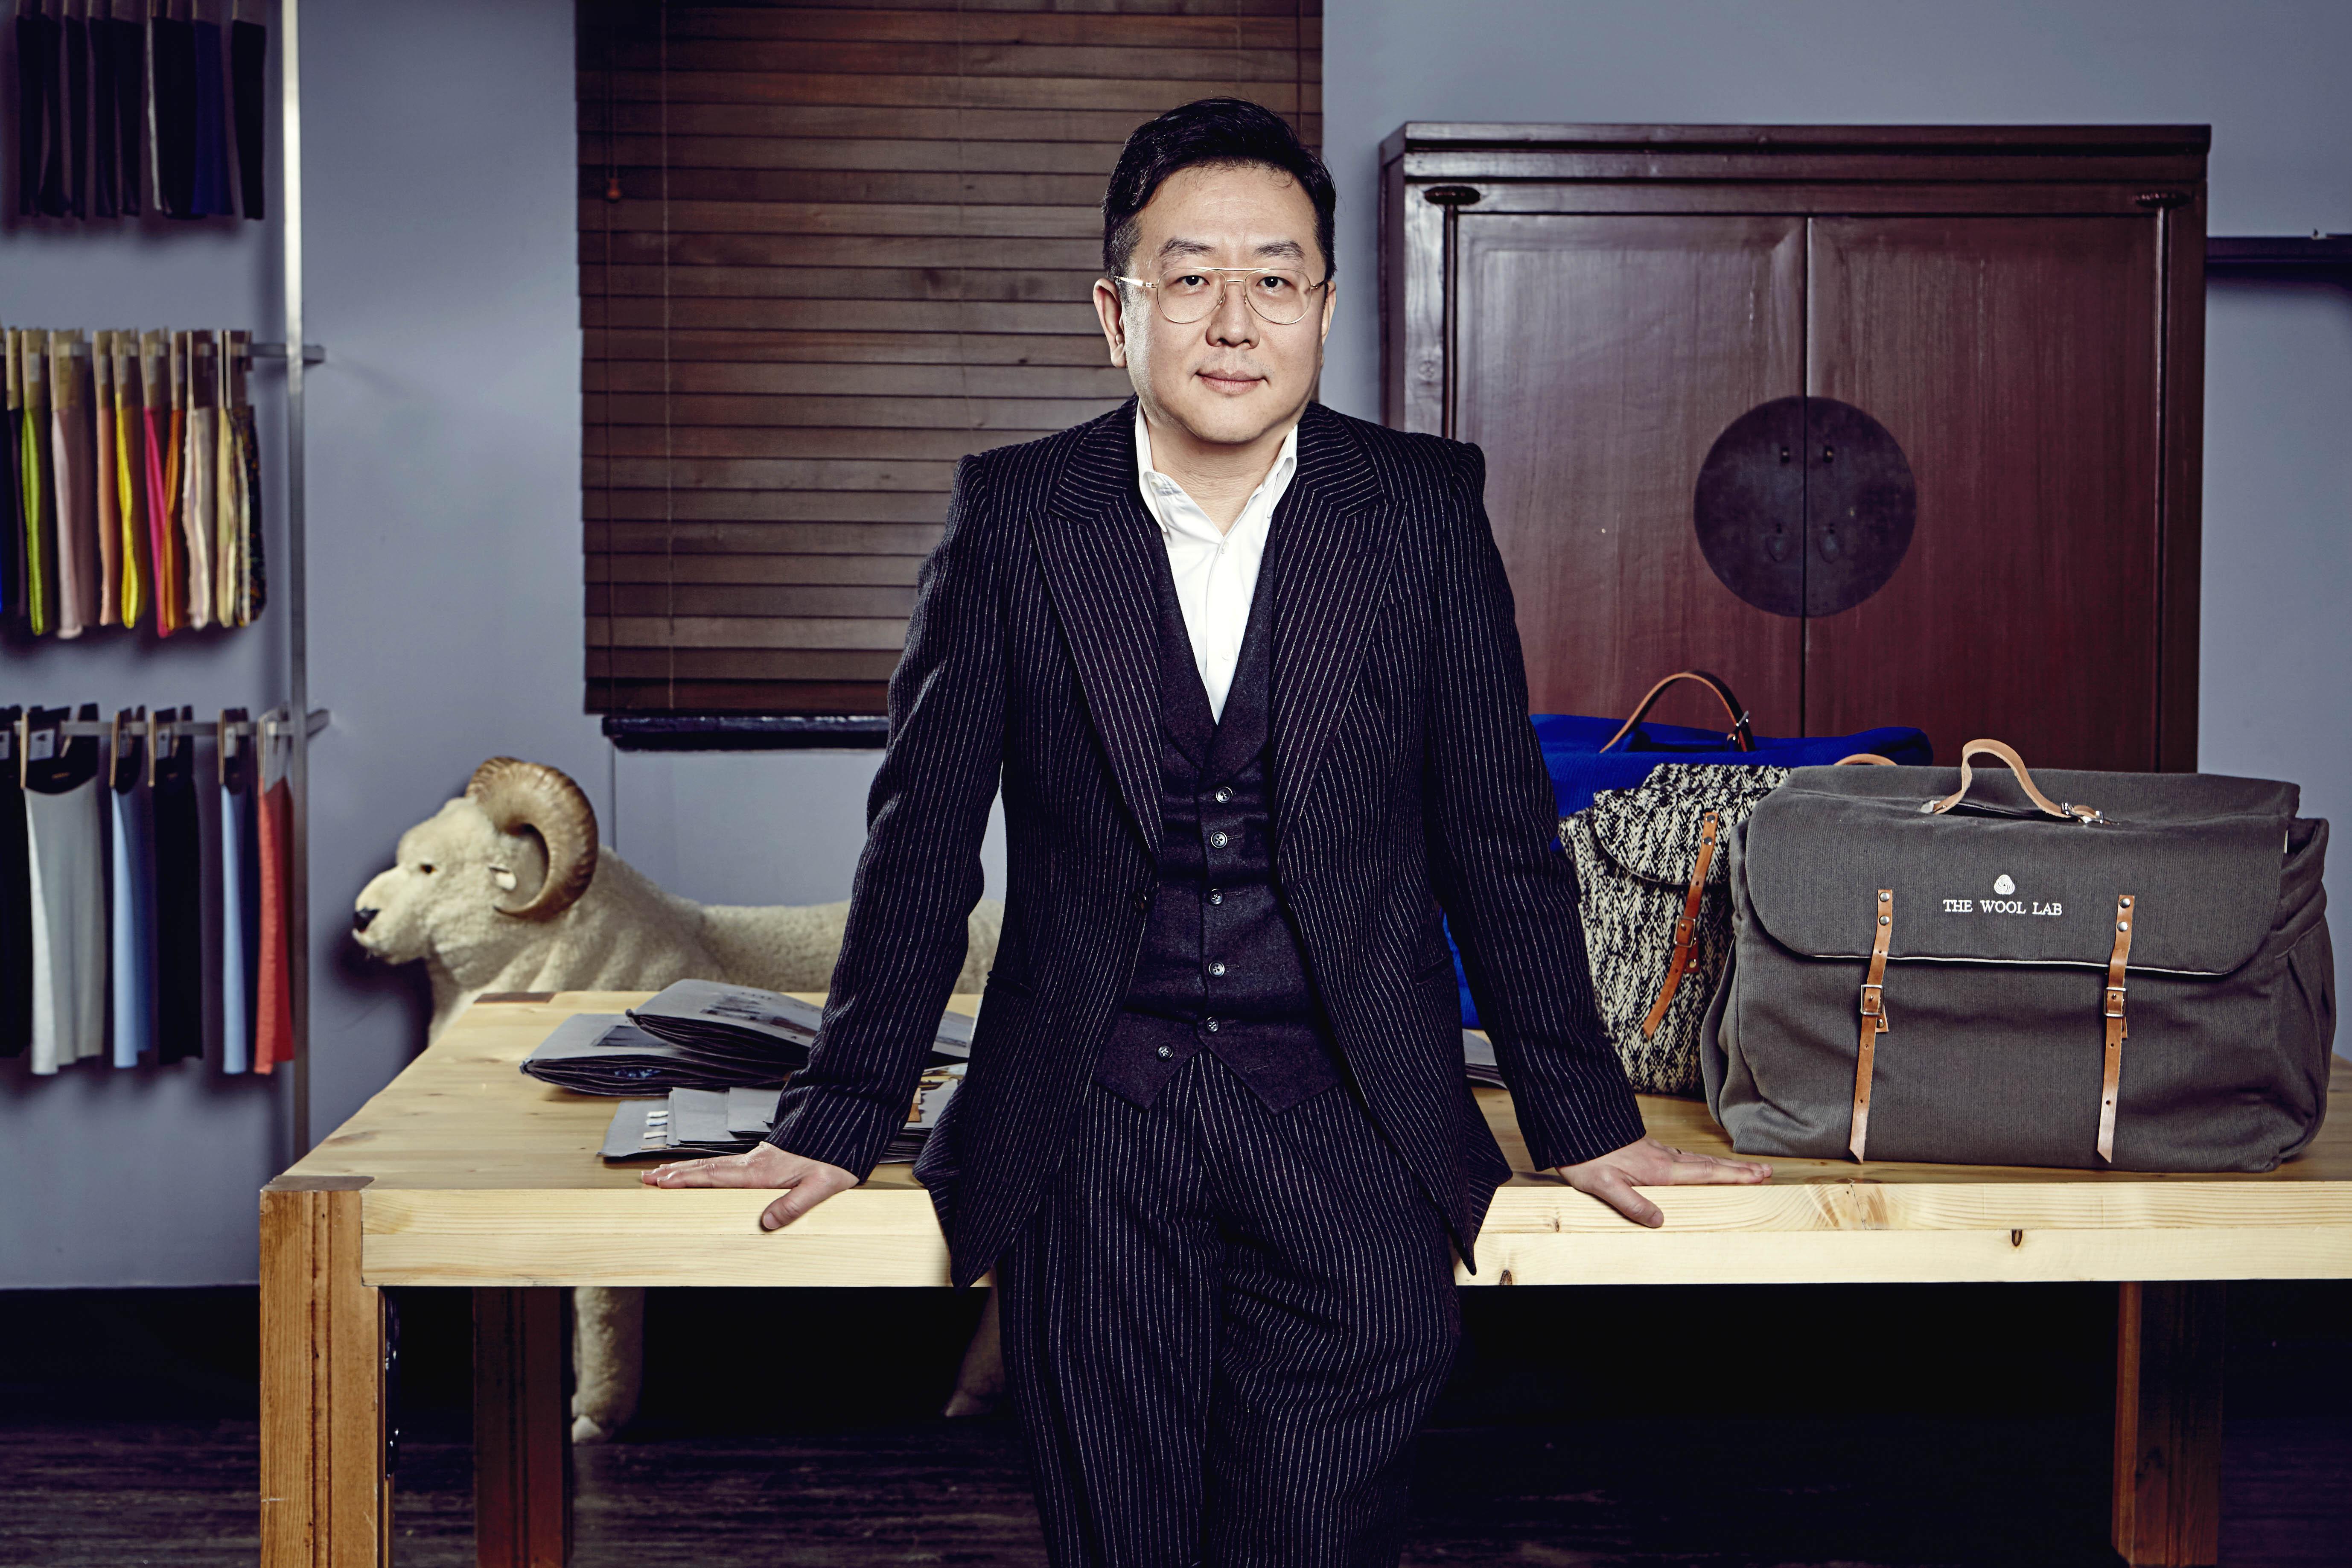 """让""""羊毛""""再酷起来!《华丽志》独家专访:国际羊毛局(The Woolmark Company)中国区负责人马捷"""